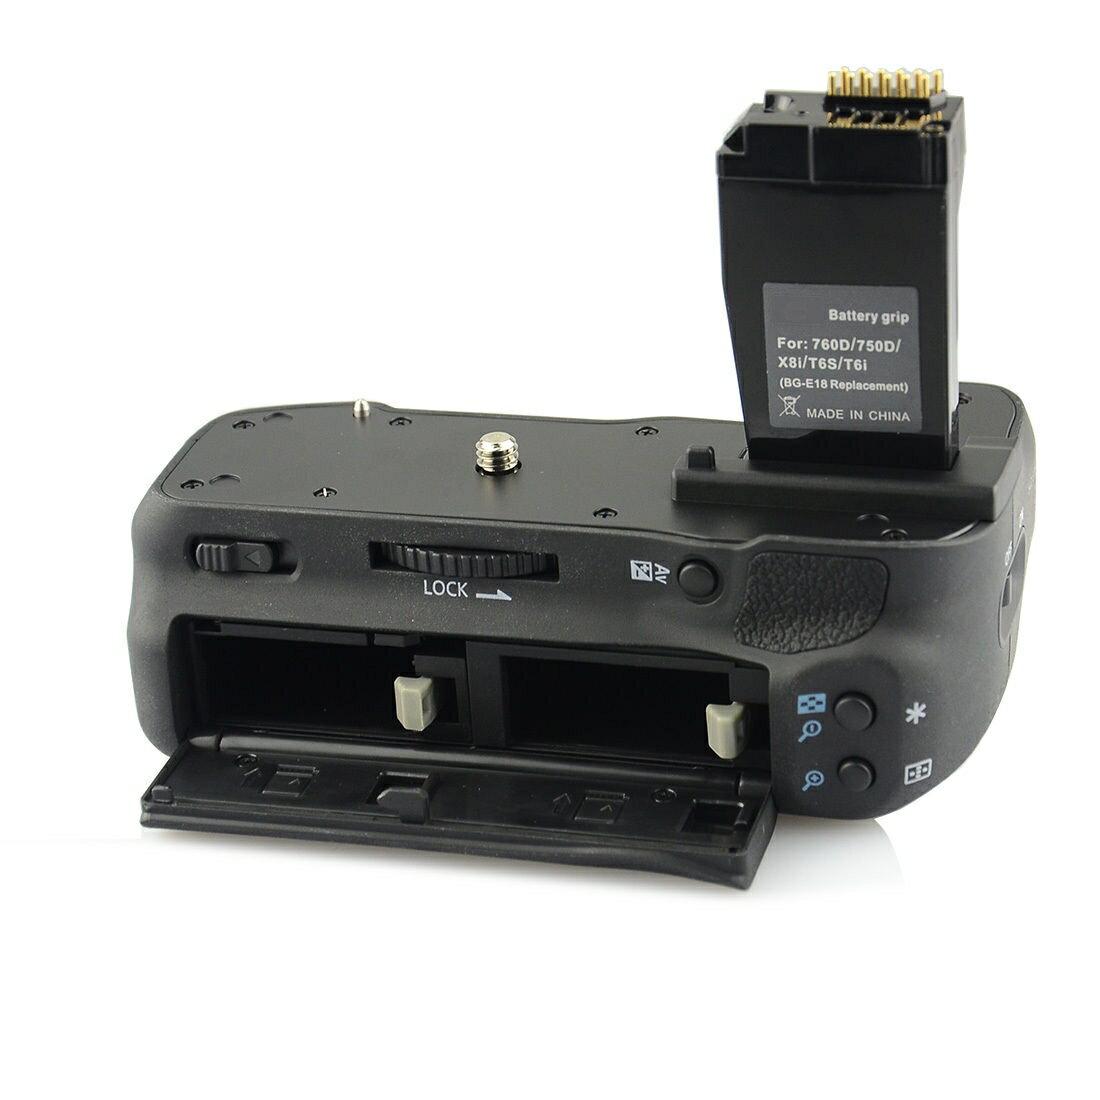 [ あす楽対応 ] [ Canon キヤノン LP-E17 対応 ] バッテリーグリップ 純正互換品 BG-E18 [ 純正 互換バッテリー に対応可能 ] イオス EOS 8000D / EOS Kiss X8i